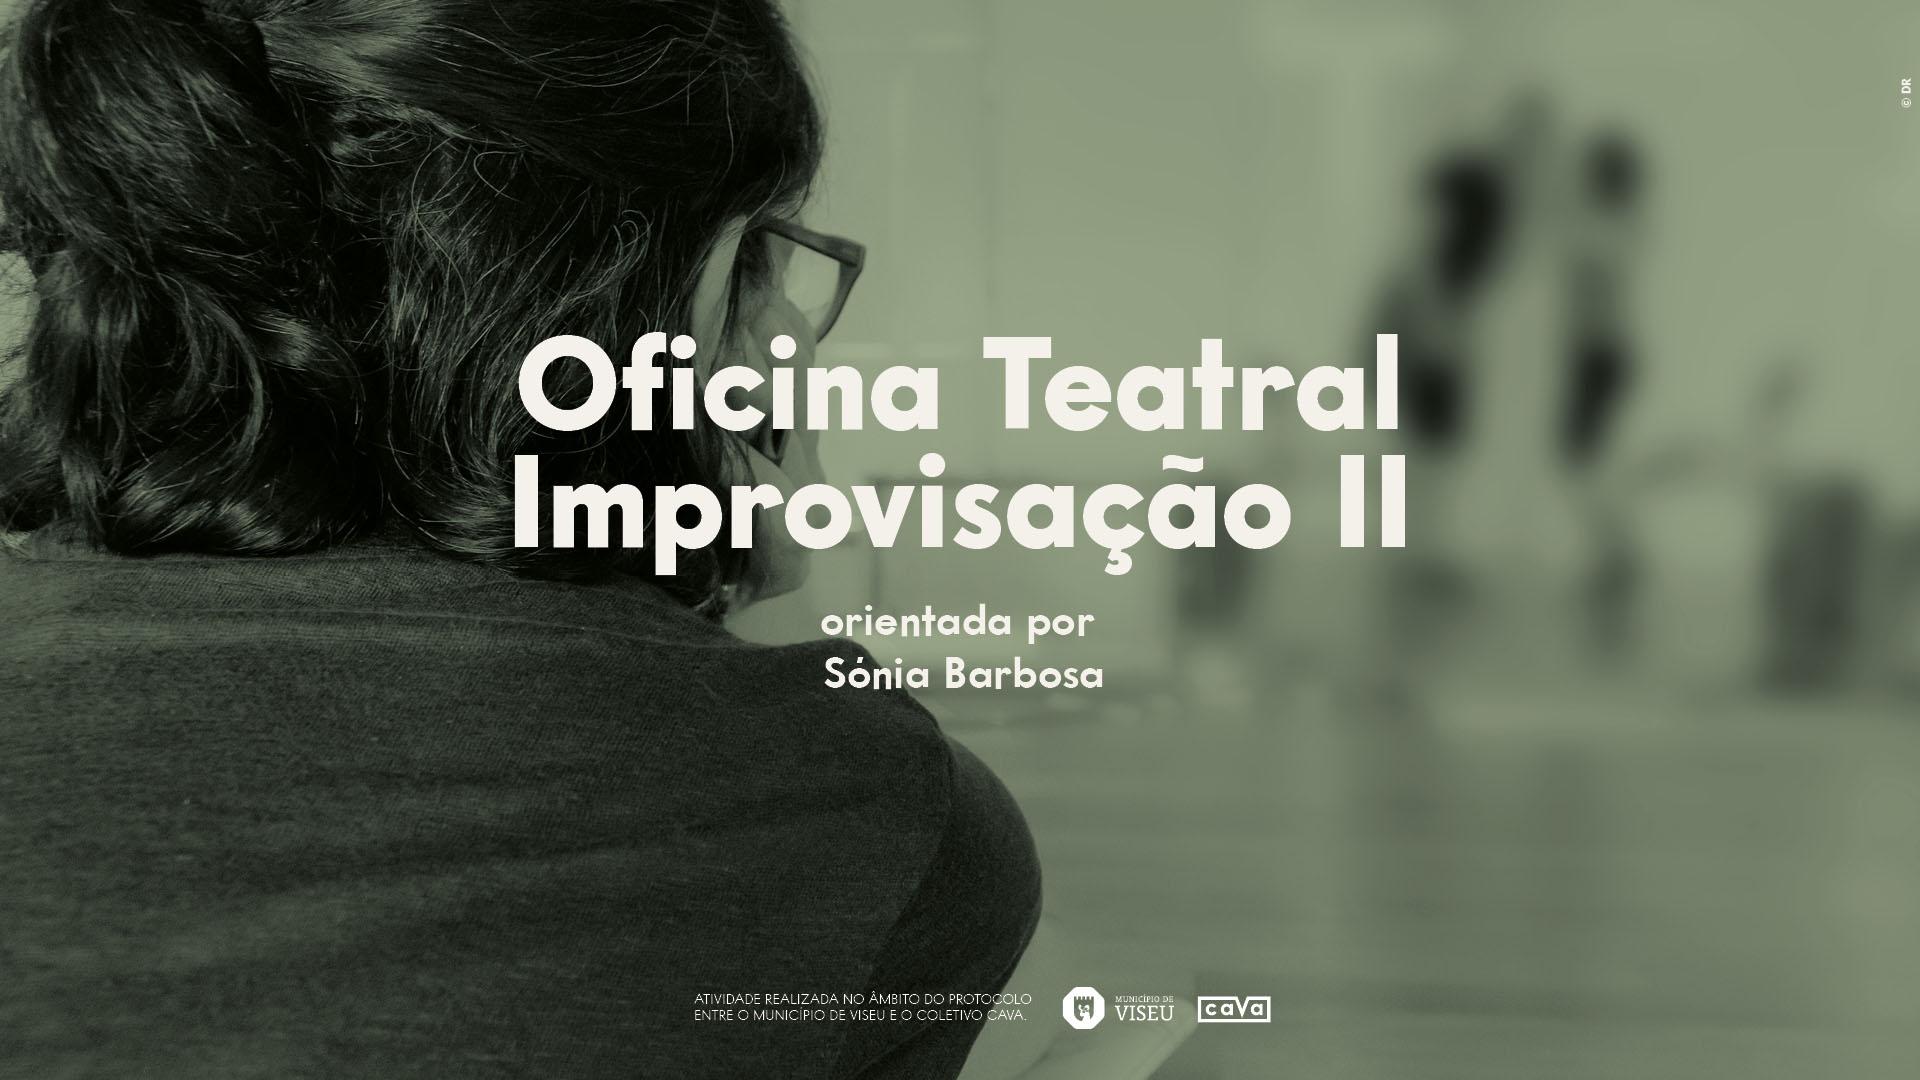 Oficinal Teatral – Improvisação II